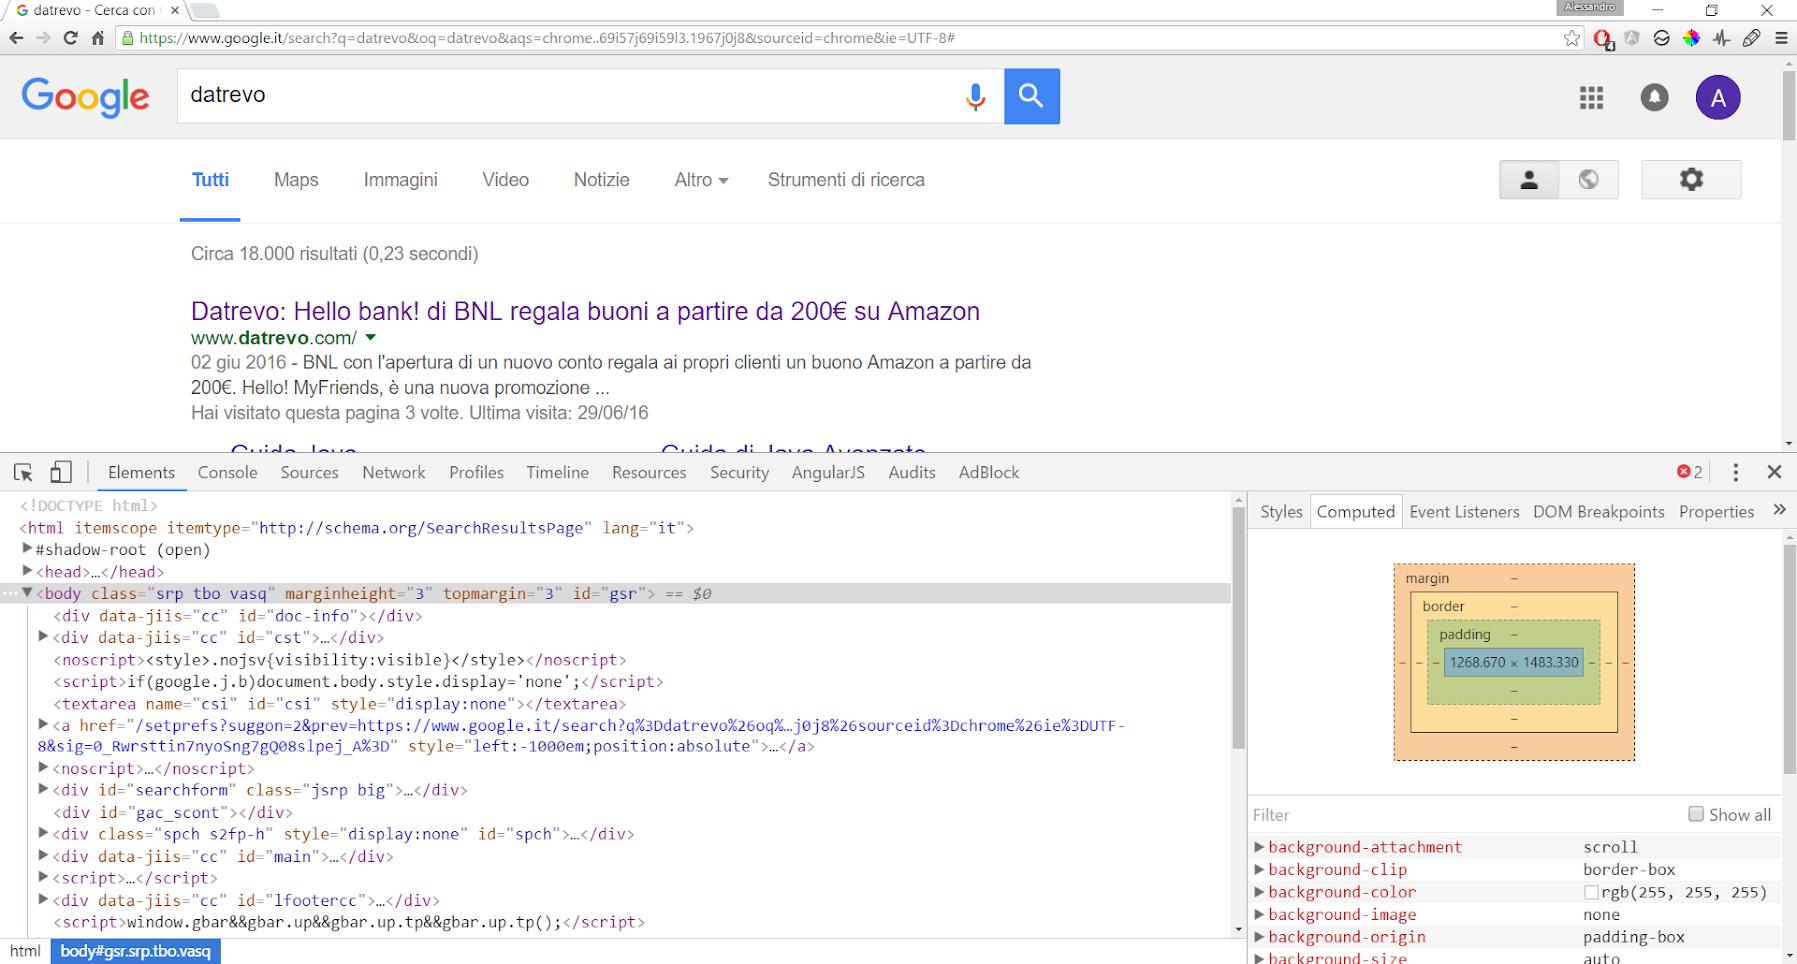 Google Developer Tools - Elements